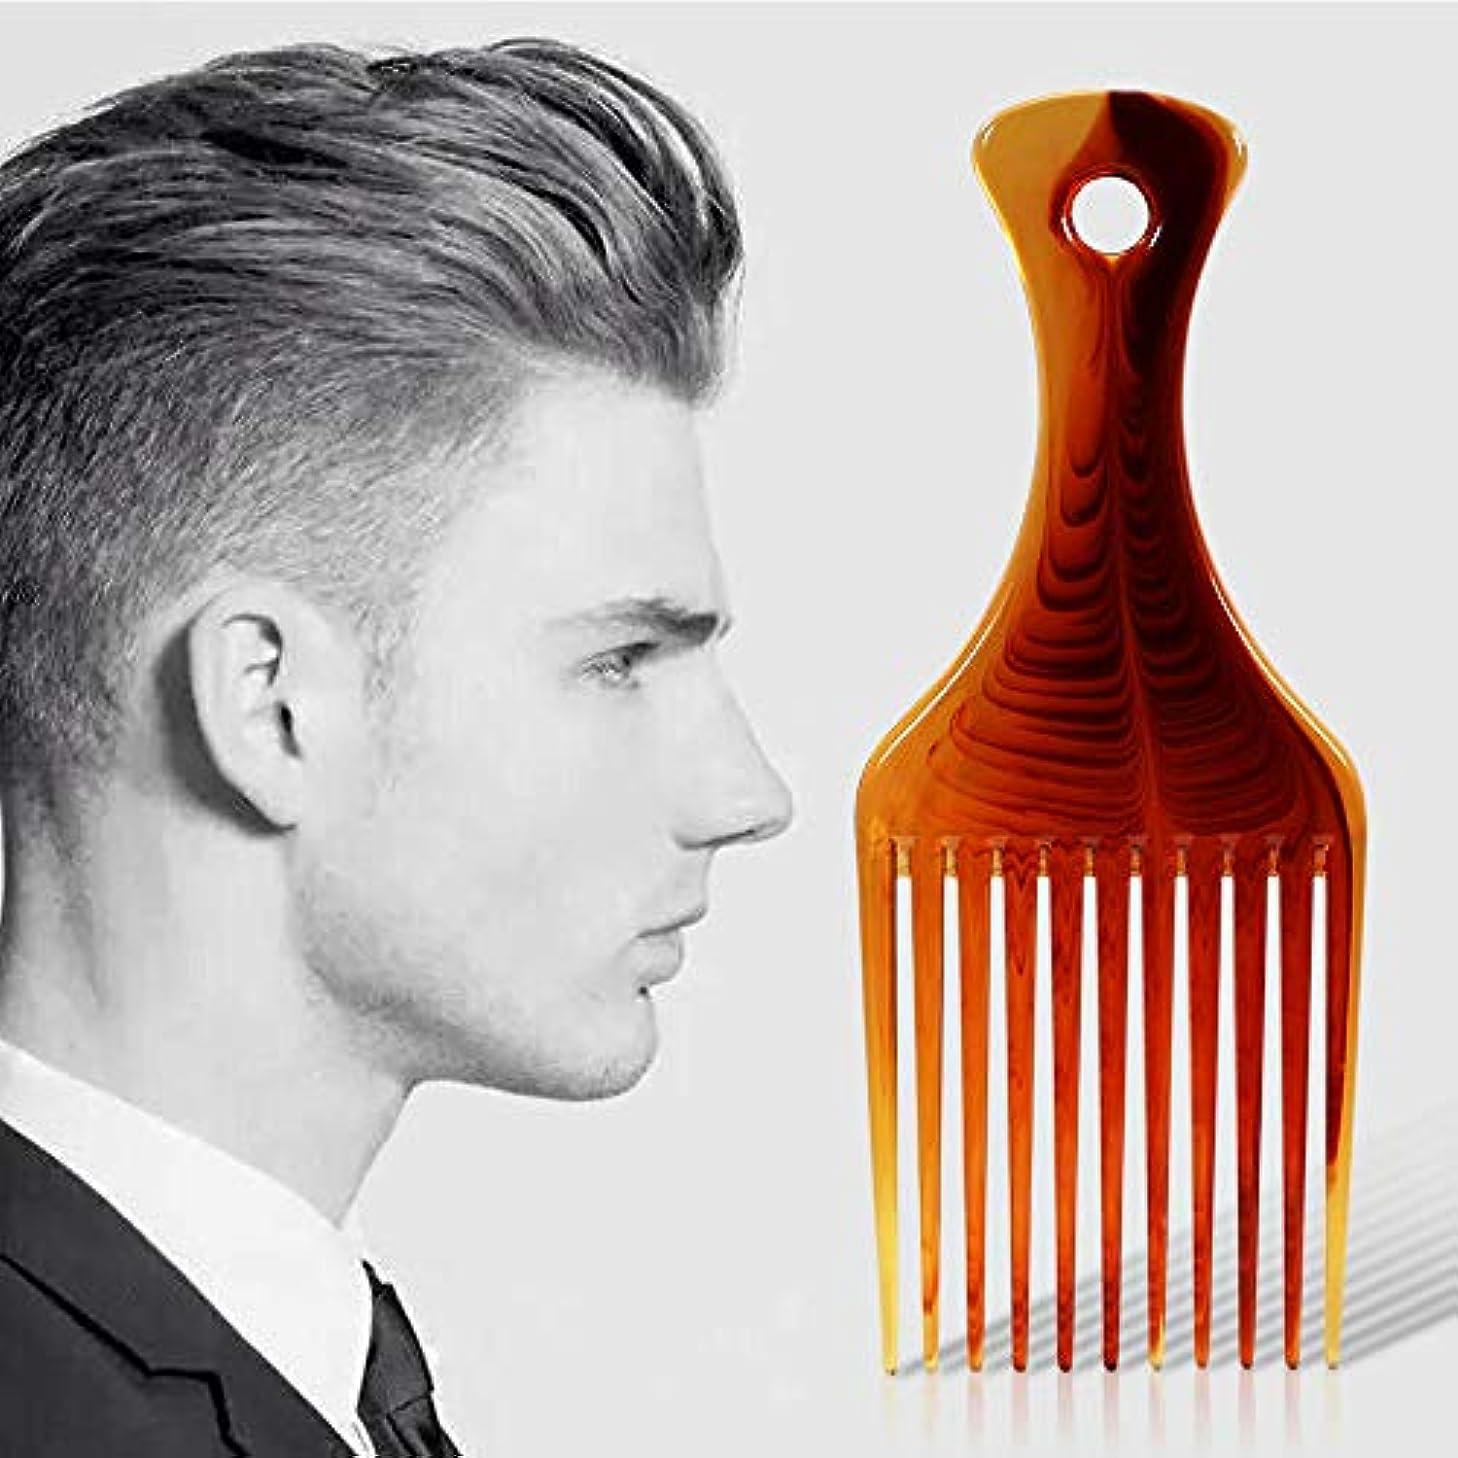 縮れた特許分離ヘアブラシプラスチックヘアカラーコームズ琥珀色の滑らかなヘアピックコーム理髪スタイリングツール持ち上がるデタングルヘアコーム